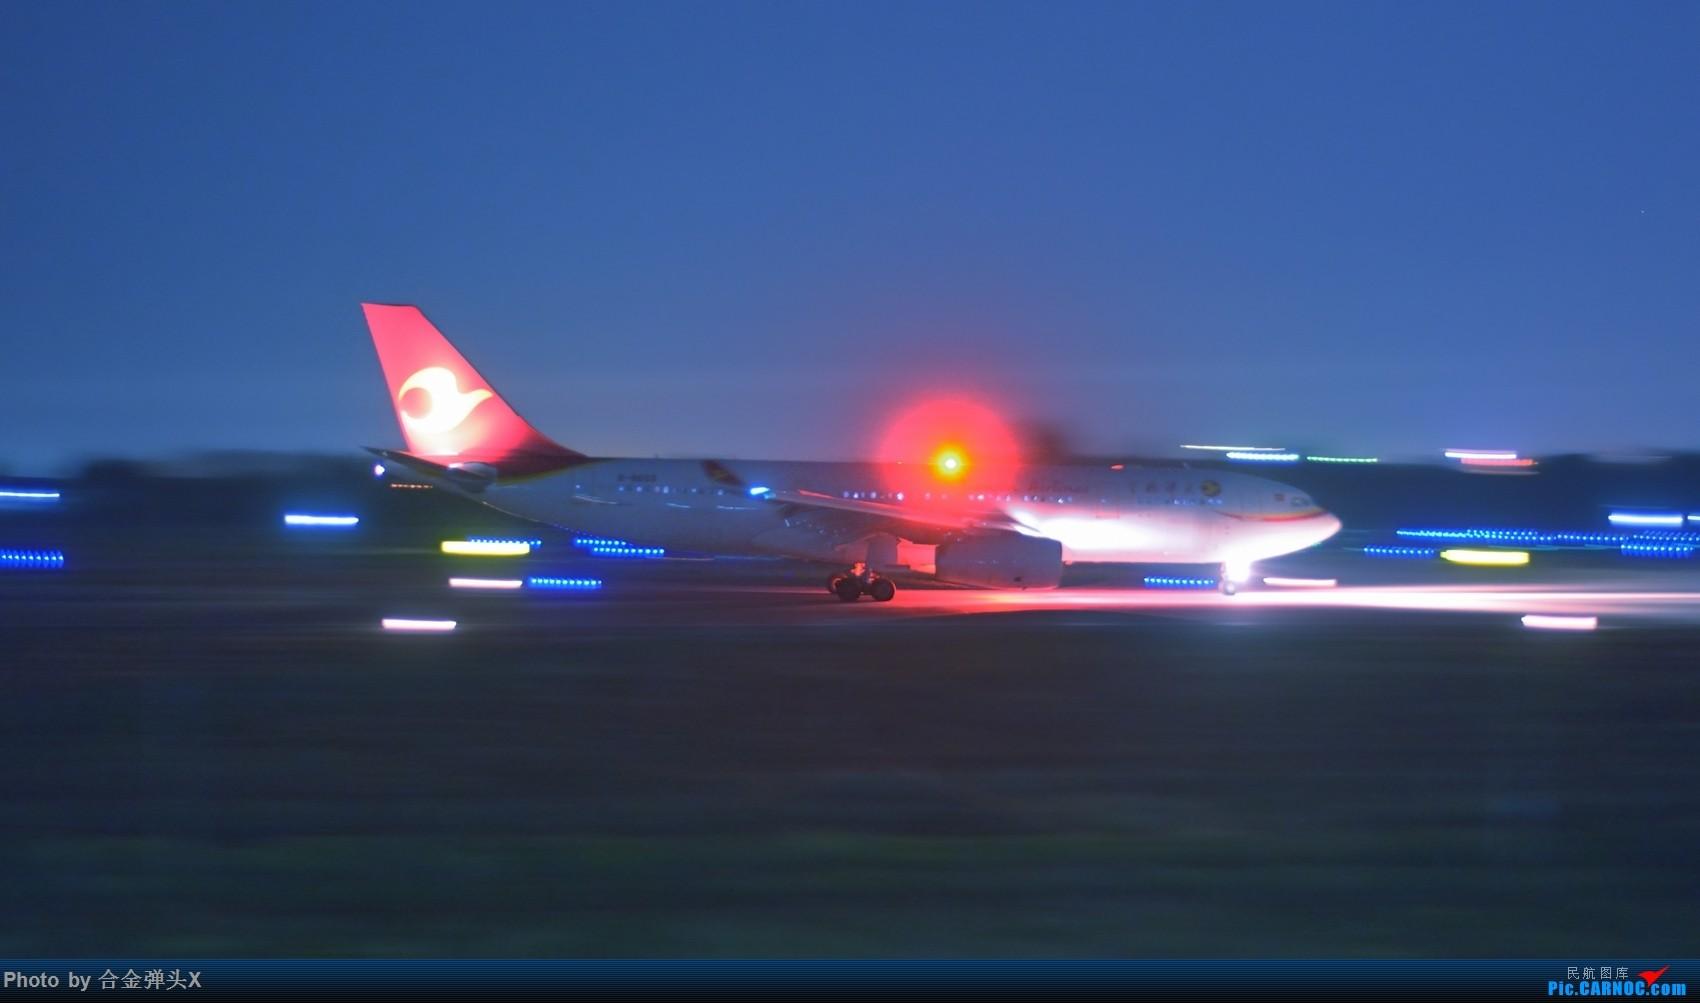 [原创]【CTU】夜色下1/10s的动感瞬间 AIRBUS A330-200  中国成都双流国际机场